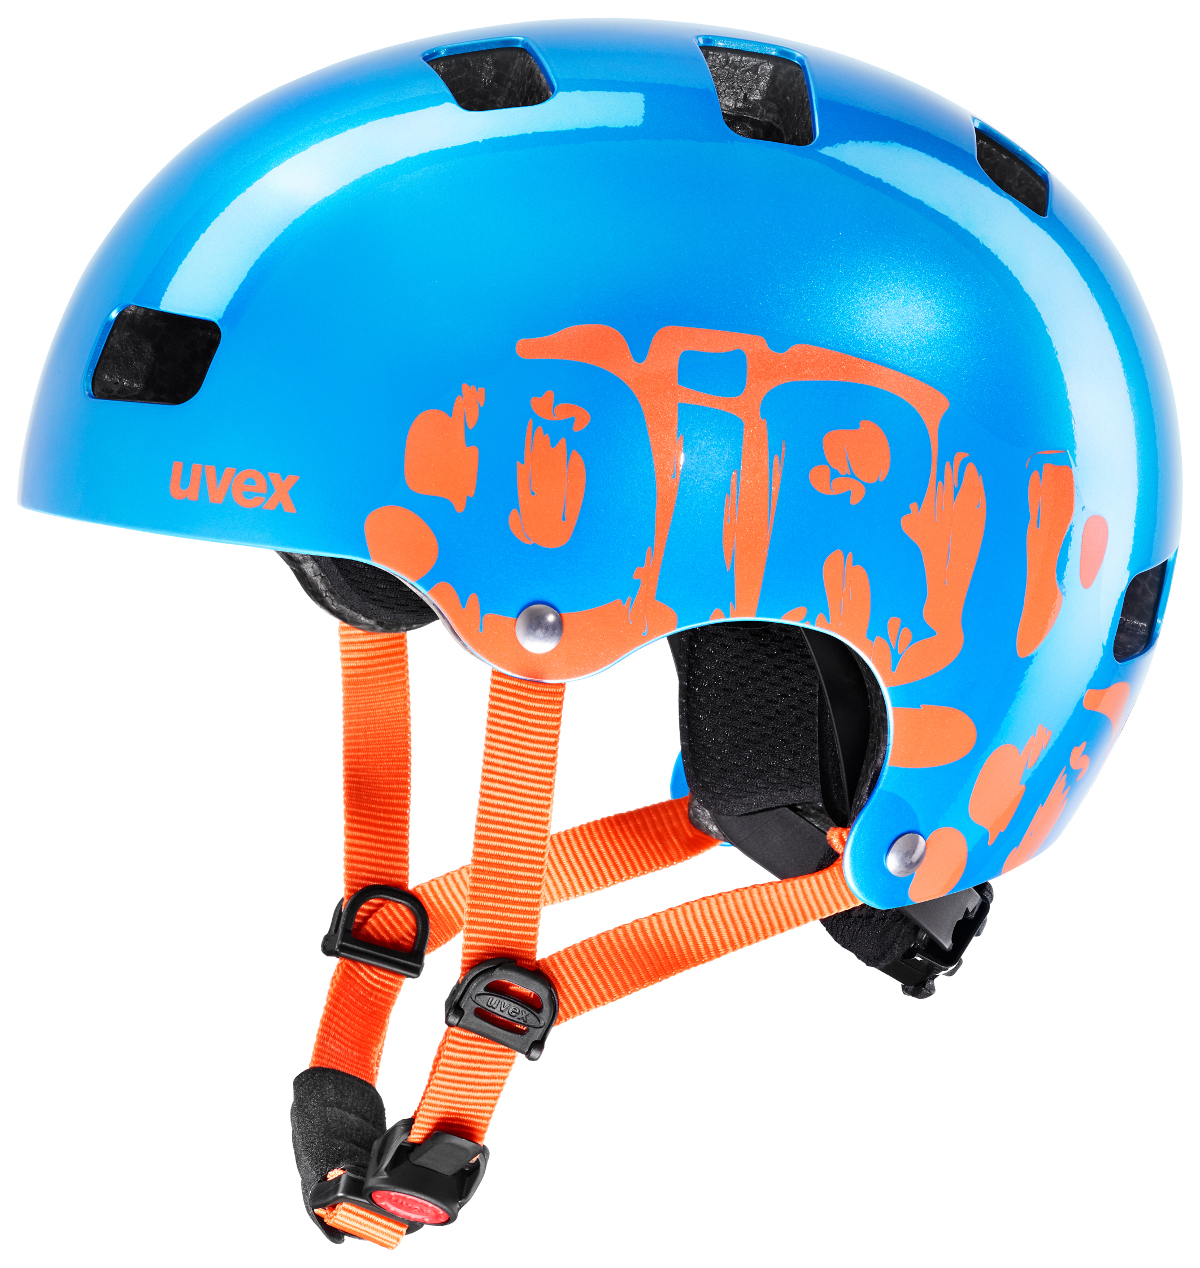 Uvex Kid 3 Blue Orange Fahrradhelm Radhelm Kinder Helm Scooter Inliner Skate J29 Ebay